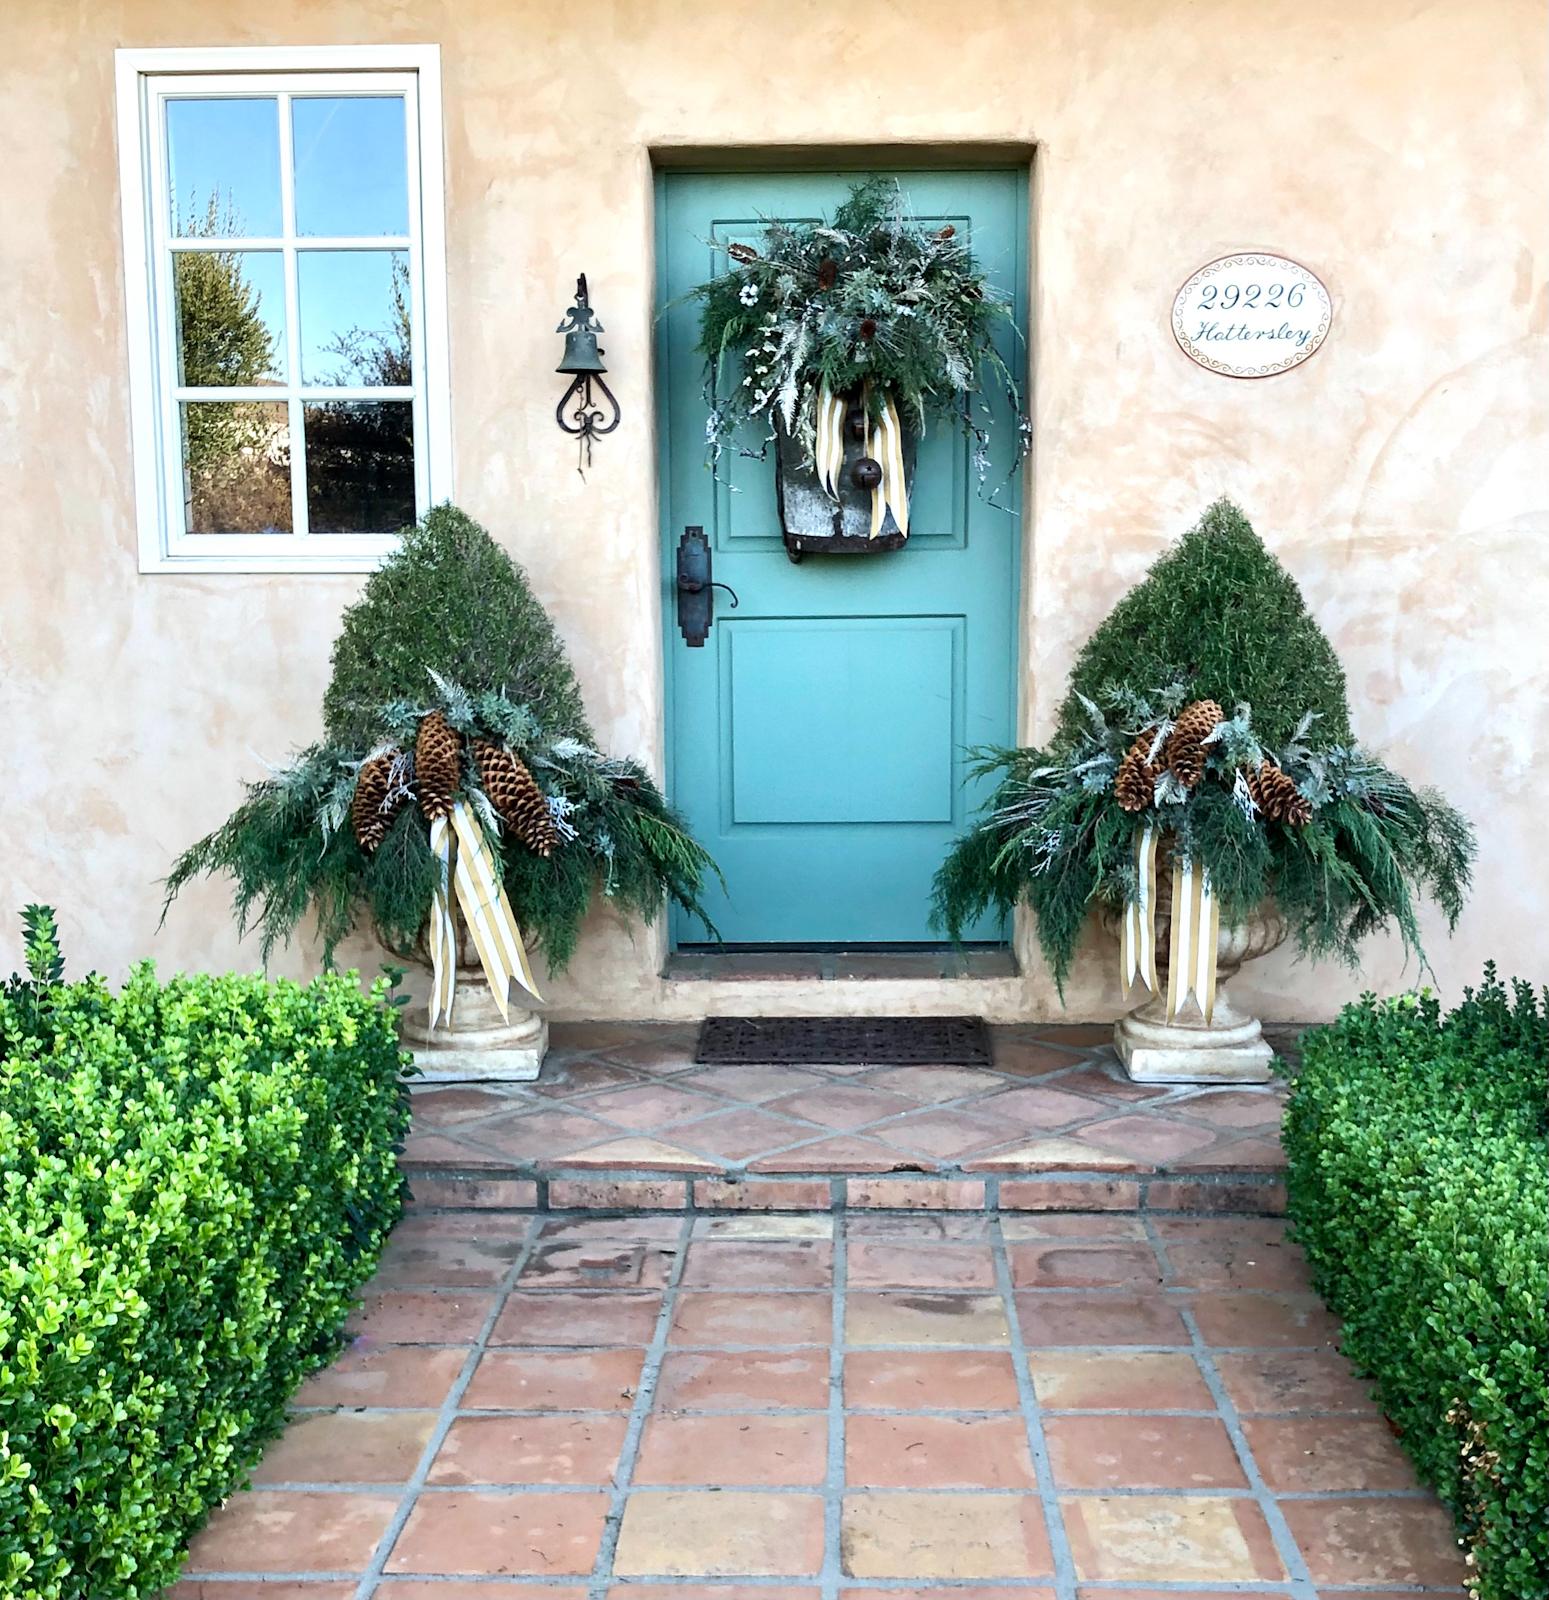 cindy hattersley's front door decor christmas 2020